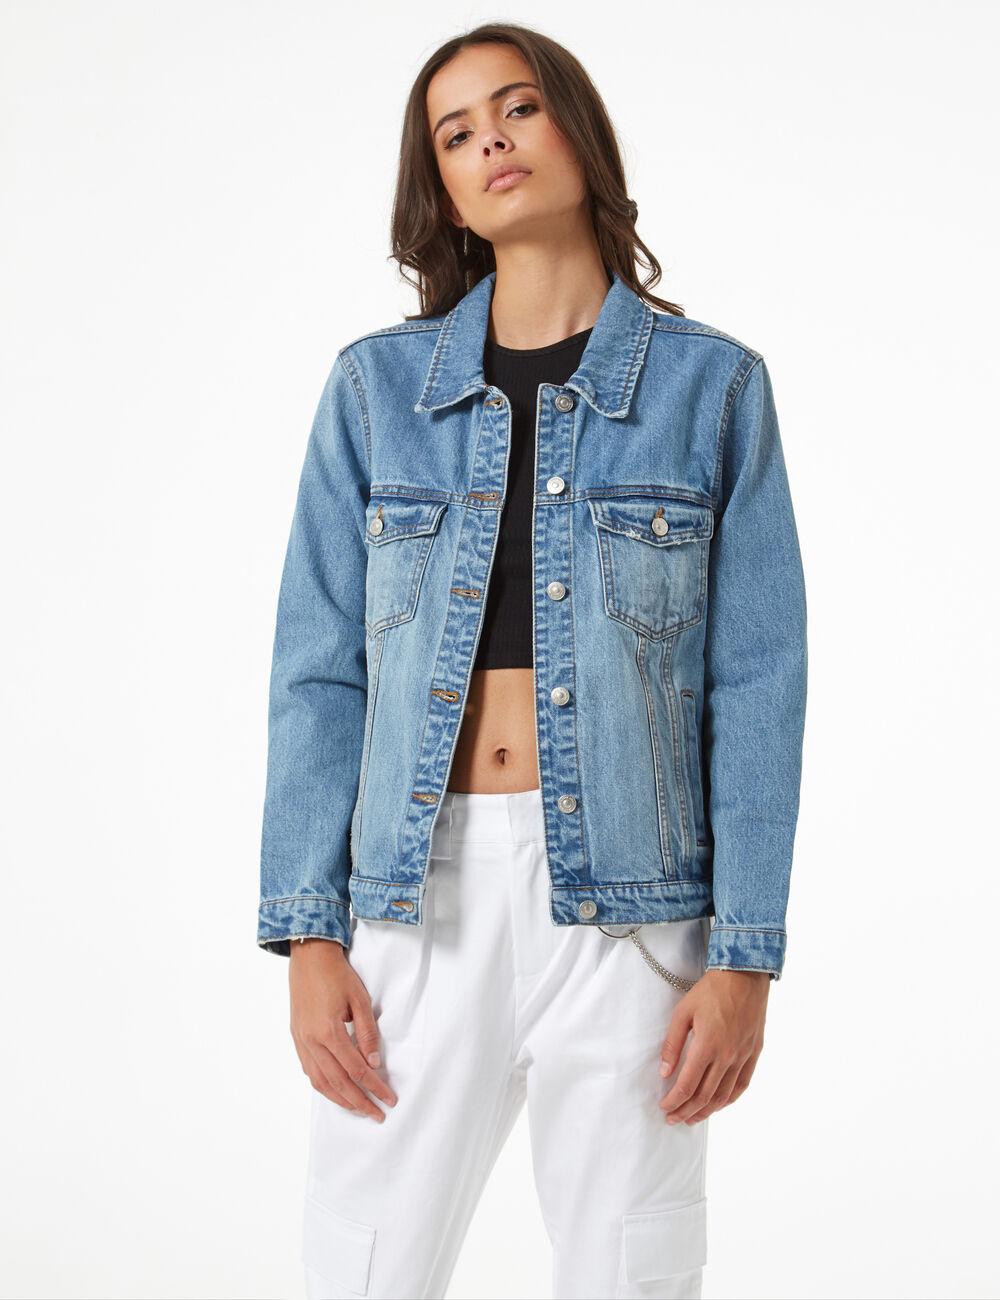 Jean Jennyfer Jean Jennyfer Jean Jennyfer Jackets Jackets Jackets Jennyfer Jackets Jackets Jennyfer Jean Jean lKT1cFJ